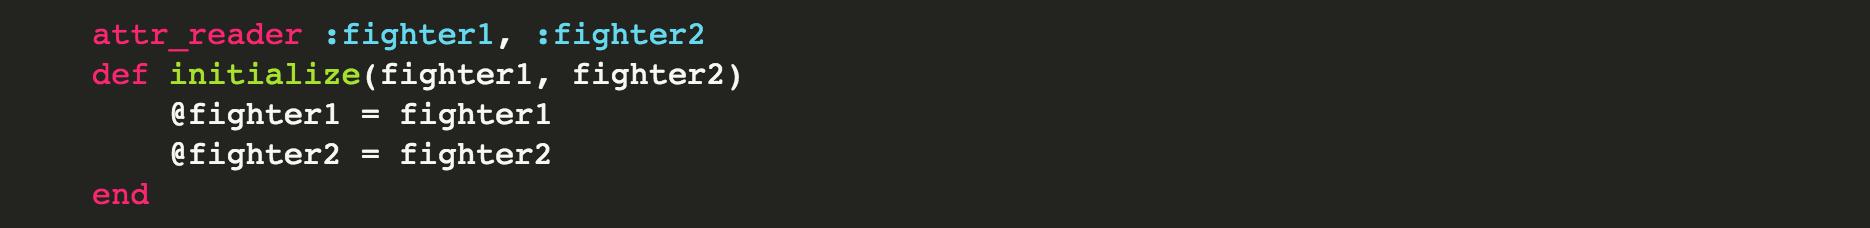 Screen Shot 2017-07-06 at 1.18.18 PM.png